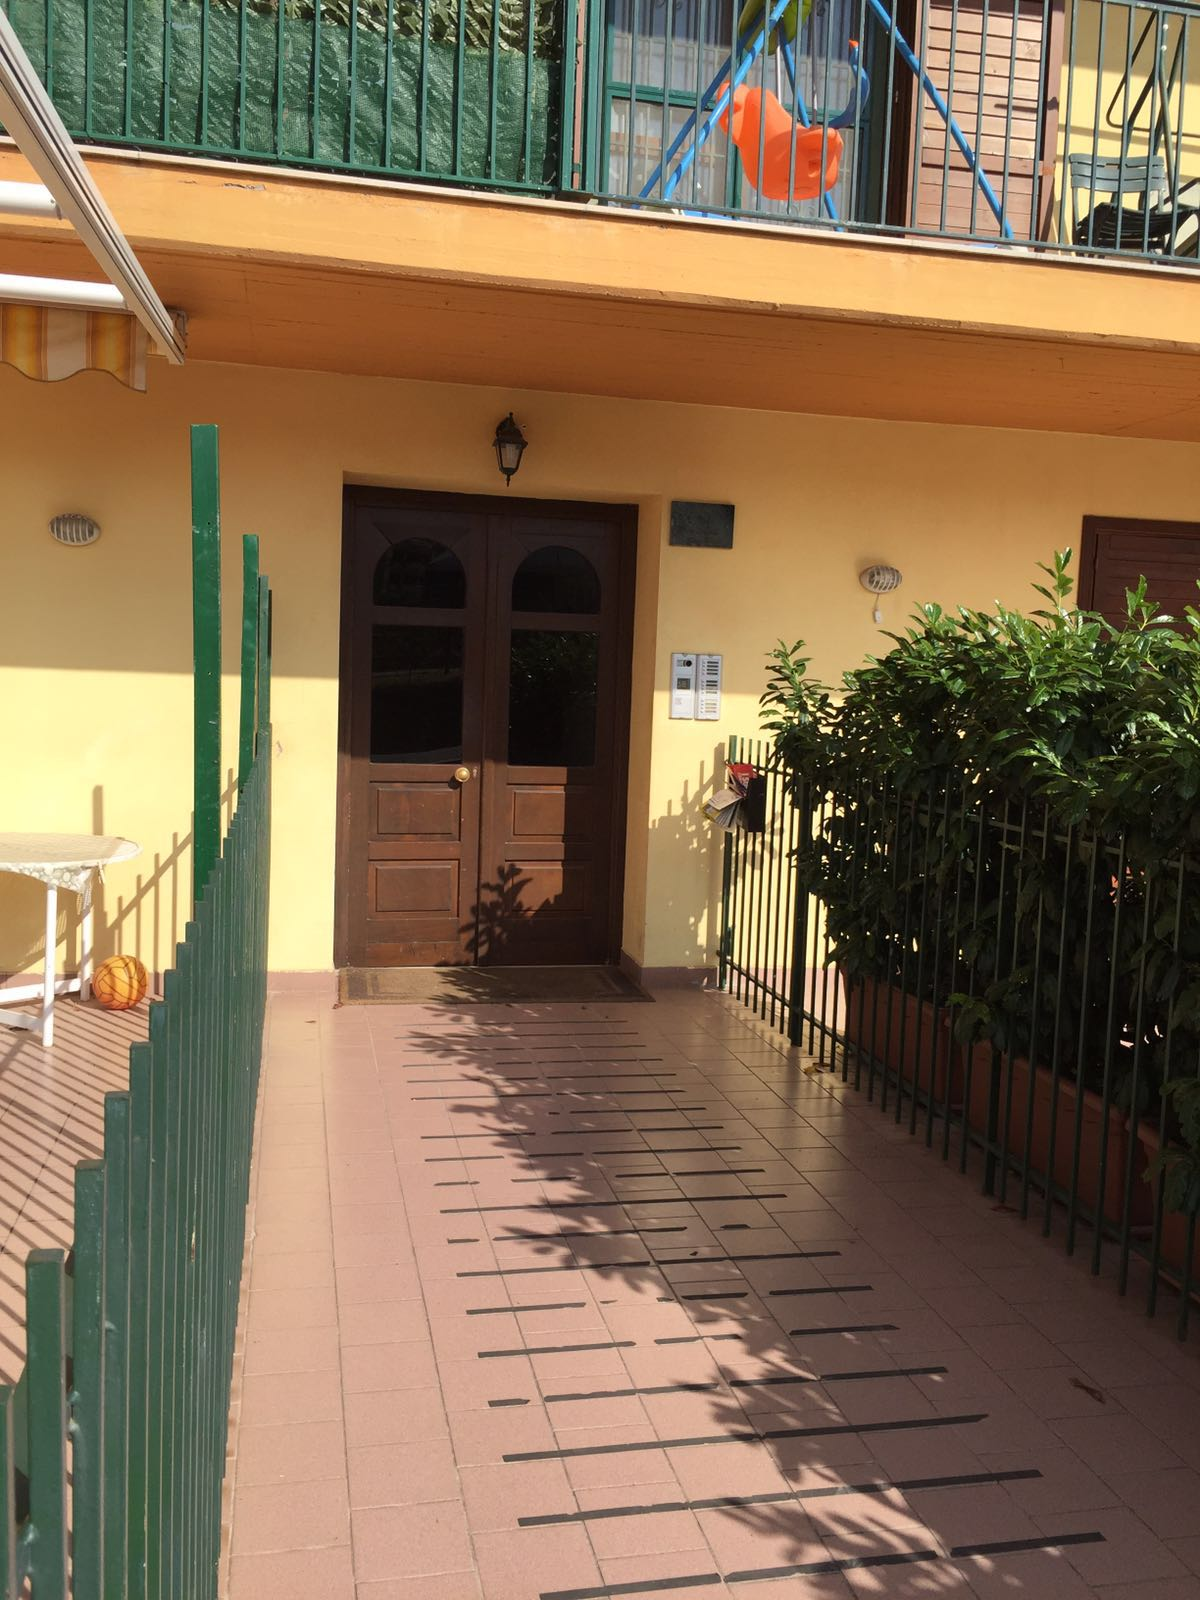 Attico / Mansarda in vendita a Avellino, 2 locali, zona Zona: Semicentro, prezzo € 35.000 | Cambio Casa.it